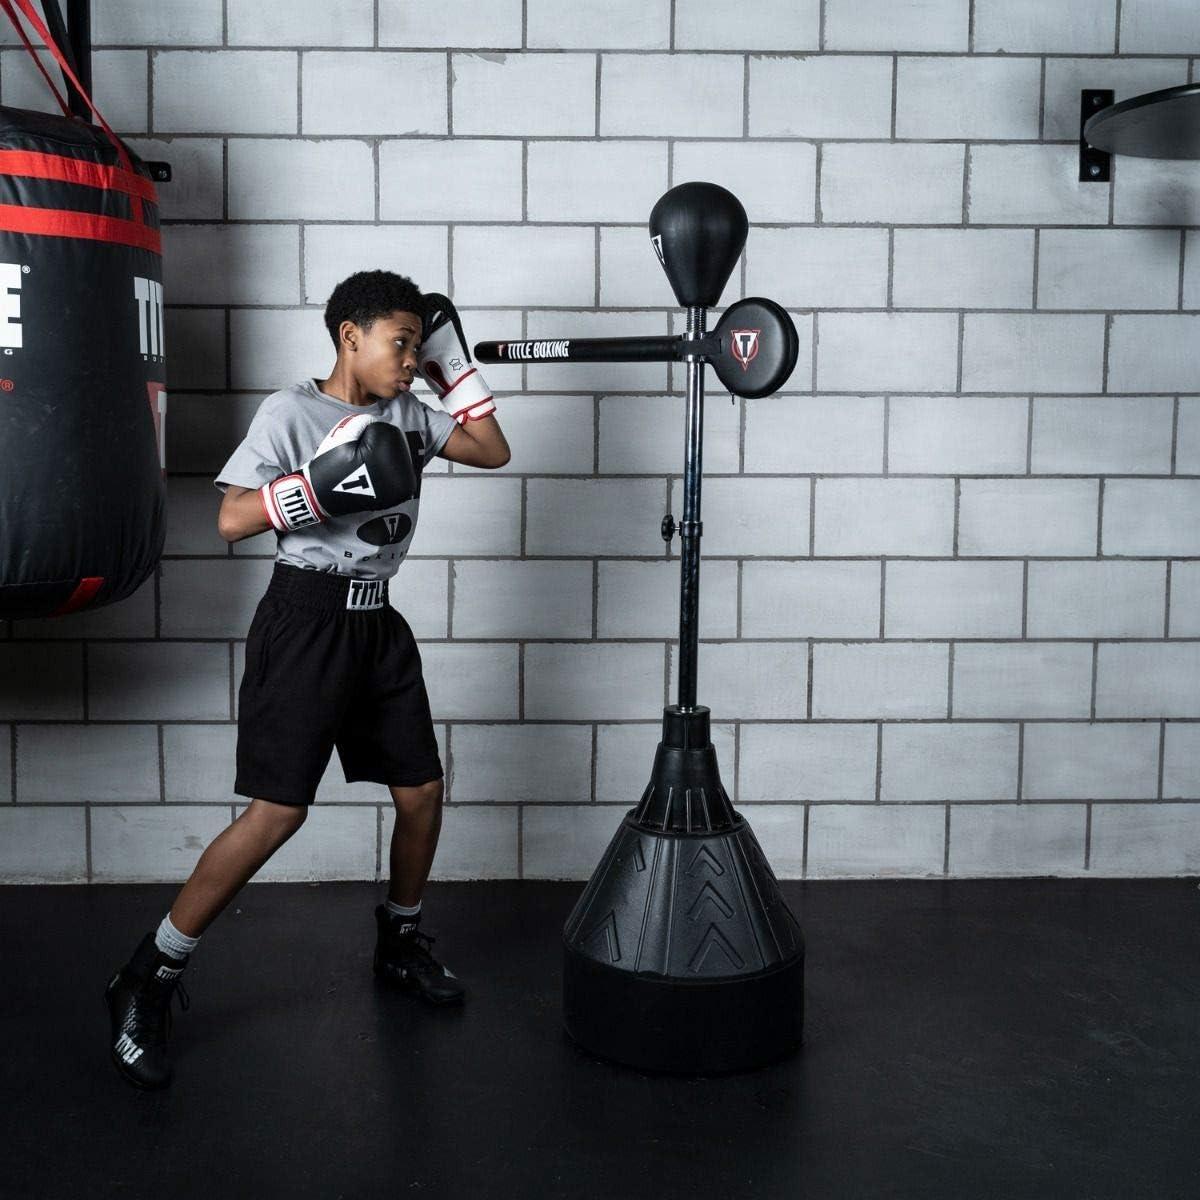 Sac de boxe professionnel sur support lourd avec barre r/éflexe /à 360 /° sac de boxe /à hauteur r/églable Adultes Entra/înement de boxe Ballon de boxe avec base /à ventouse Reflex Boxing Bar